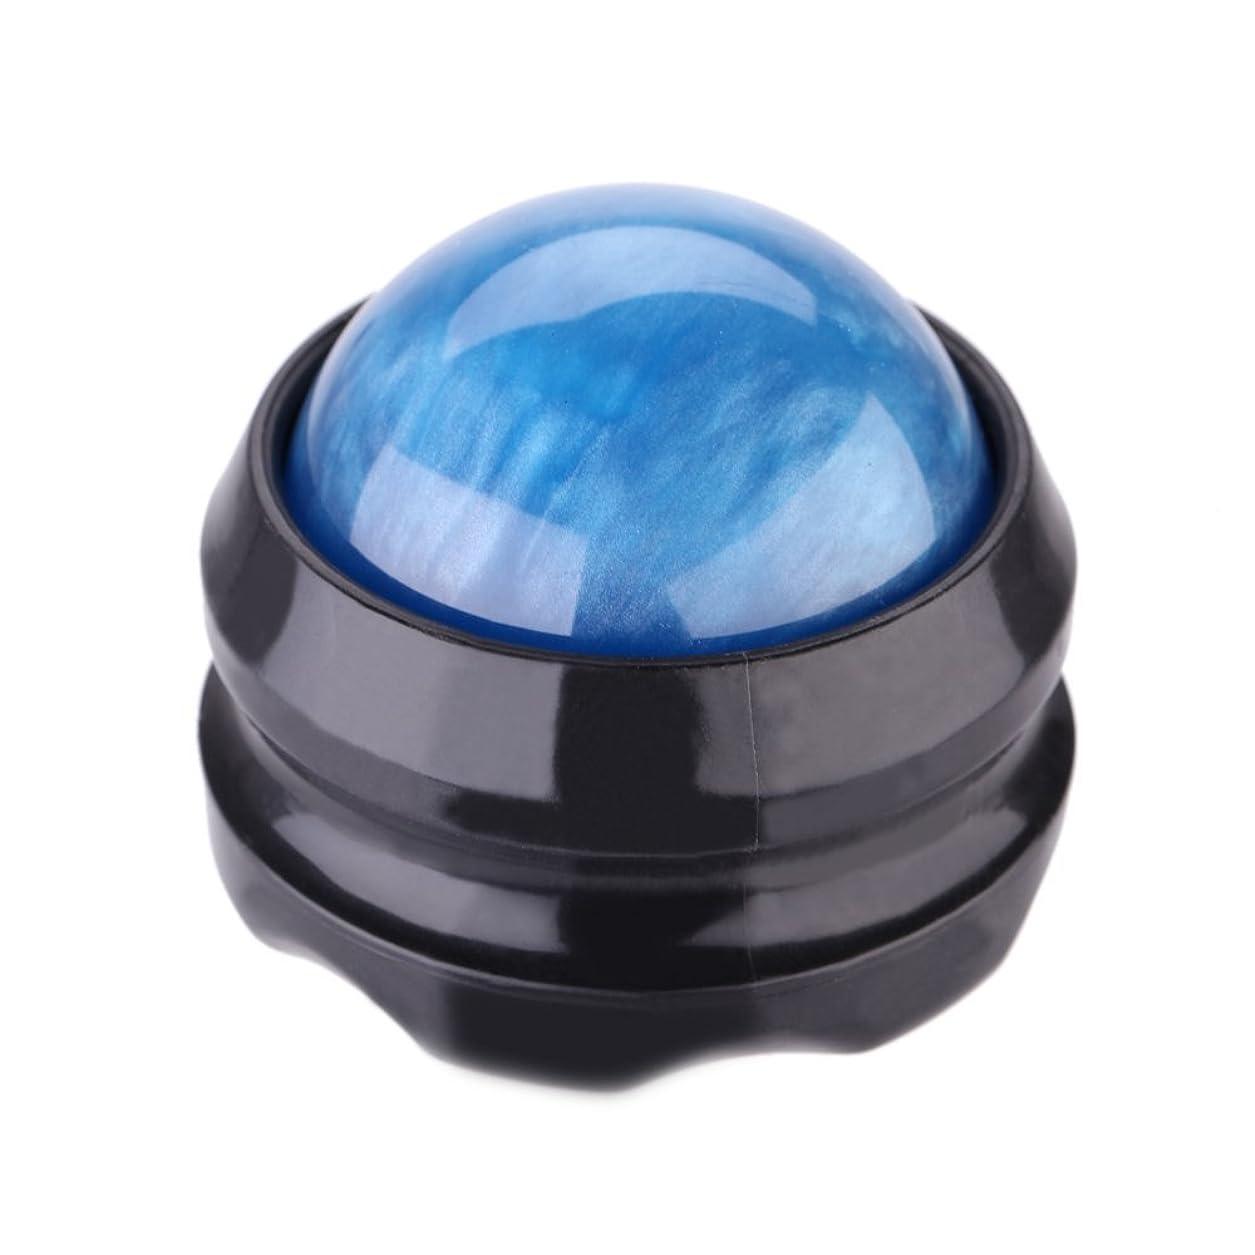 酸うるさいかろうじてTrueland マッサージ ボール 360度回転 背中 首 腰 筋膜リリース 健康器具 (青)